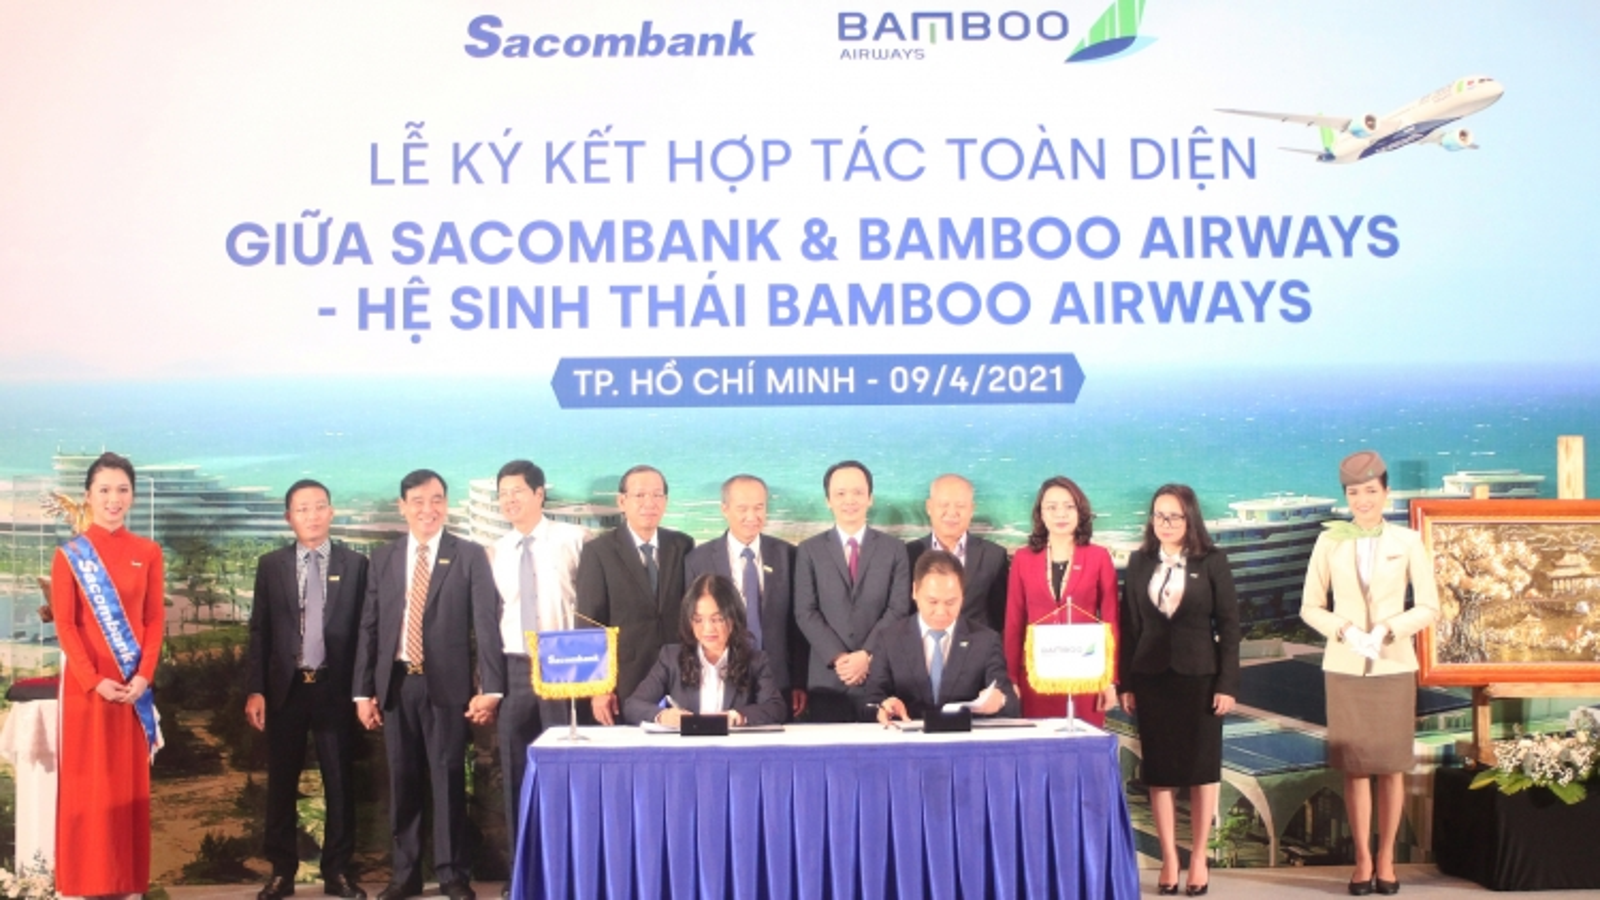 Sacombank và Bamboo Airways hợp tác toàn diện